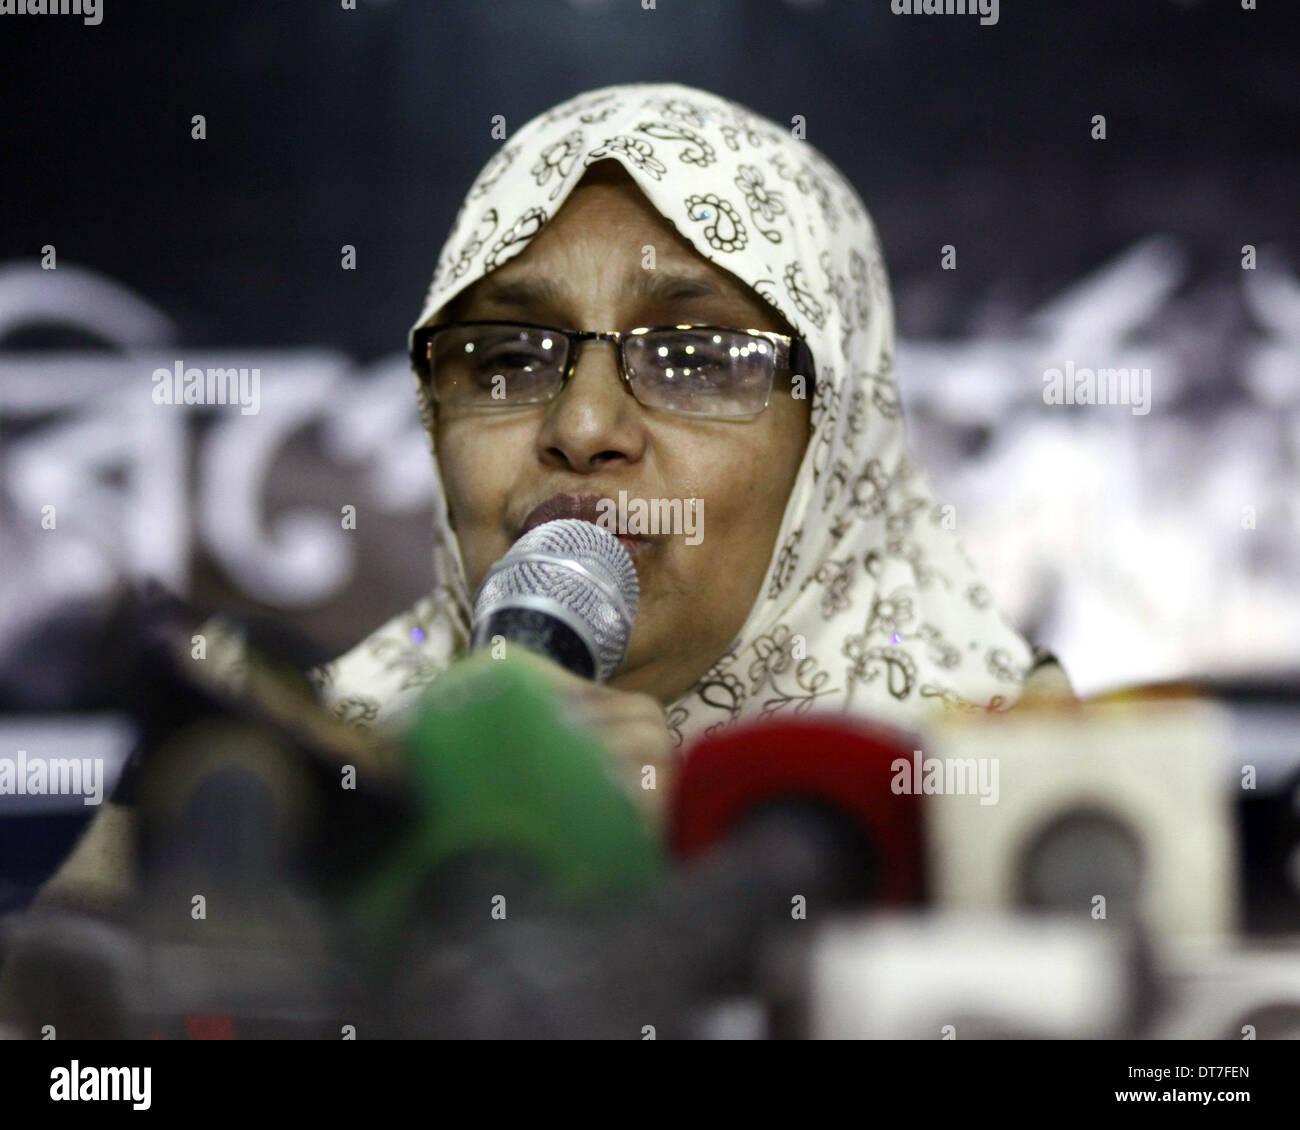 Dhaka,Bangladesh  11th February 2014  Journalist Sagor